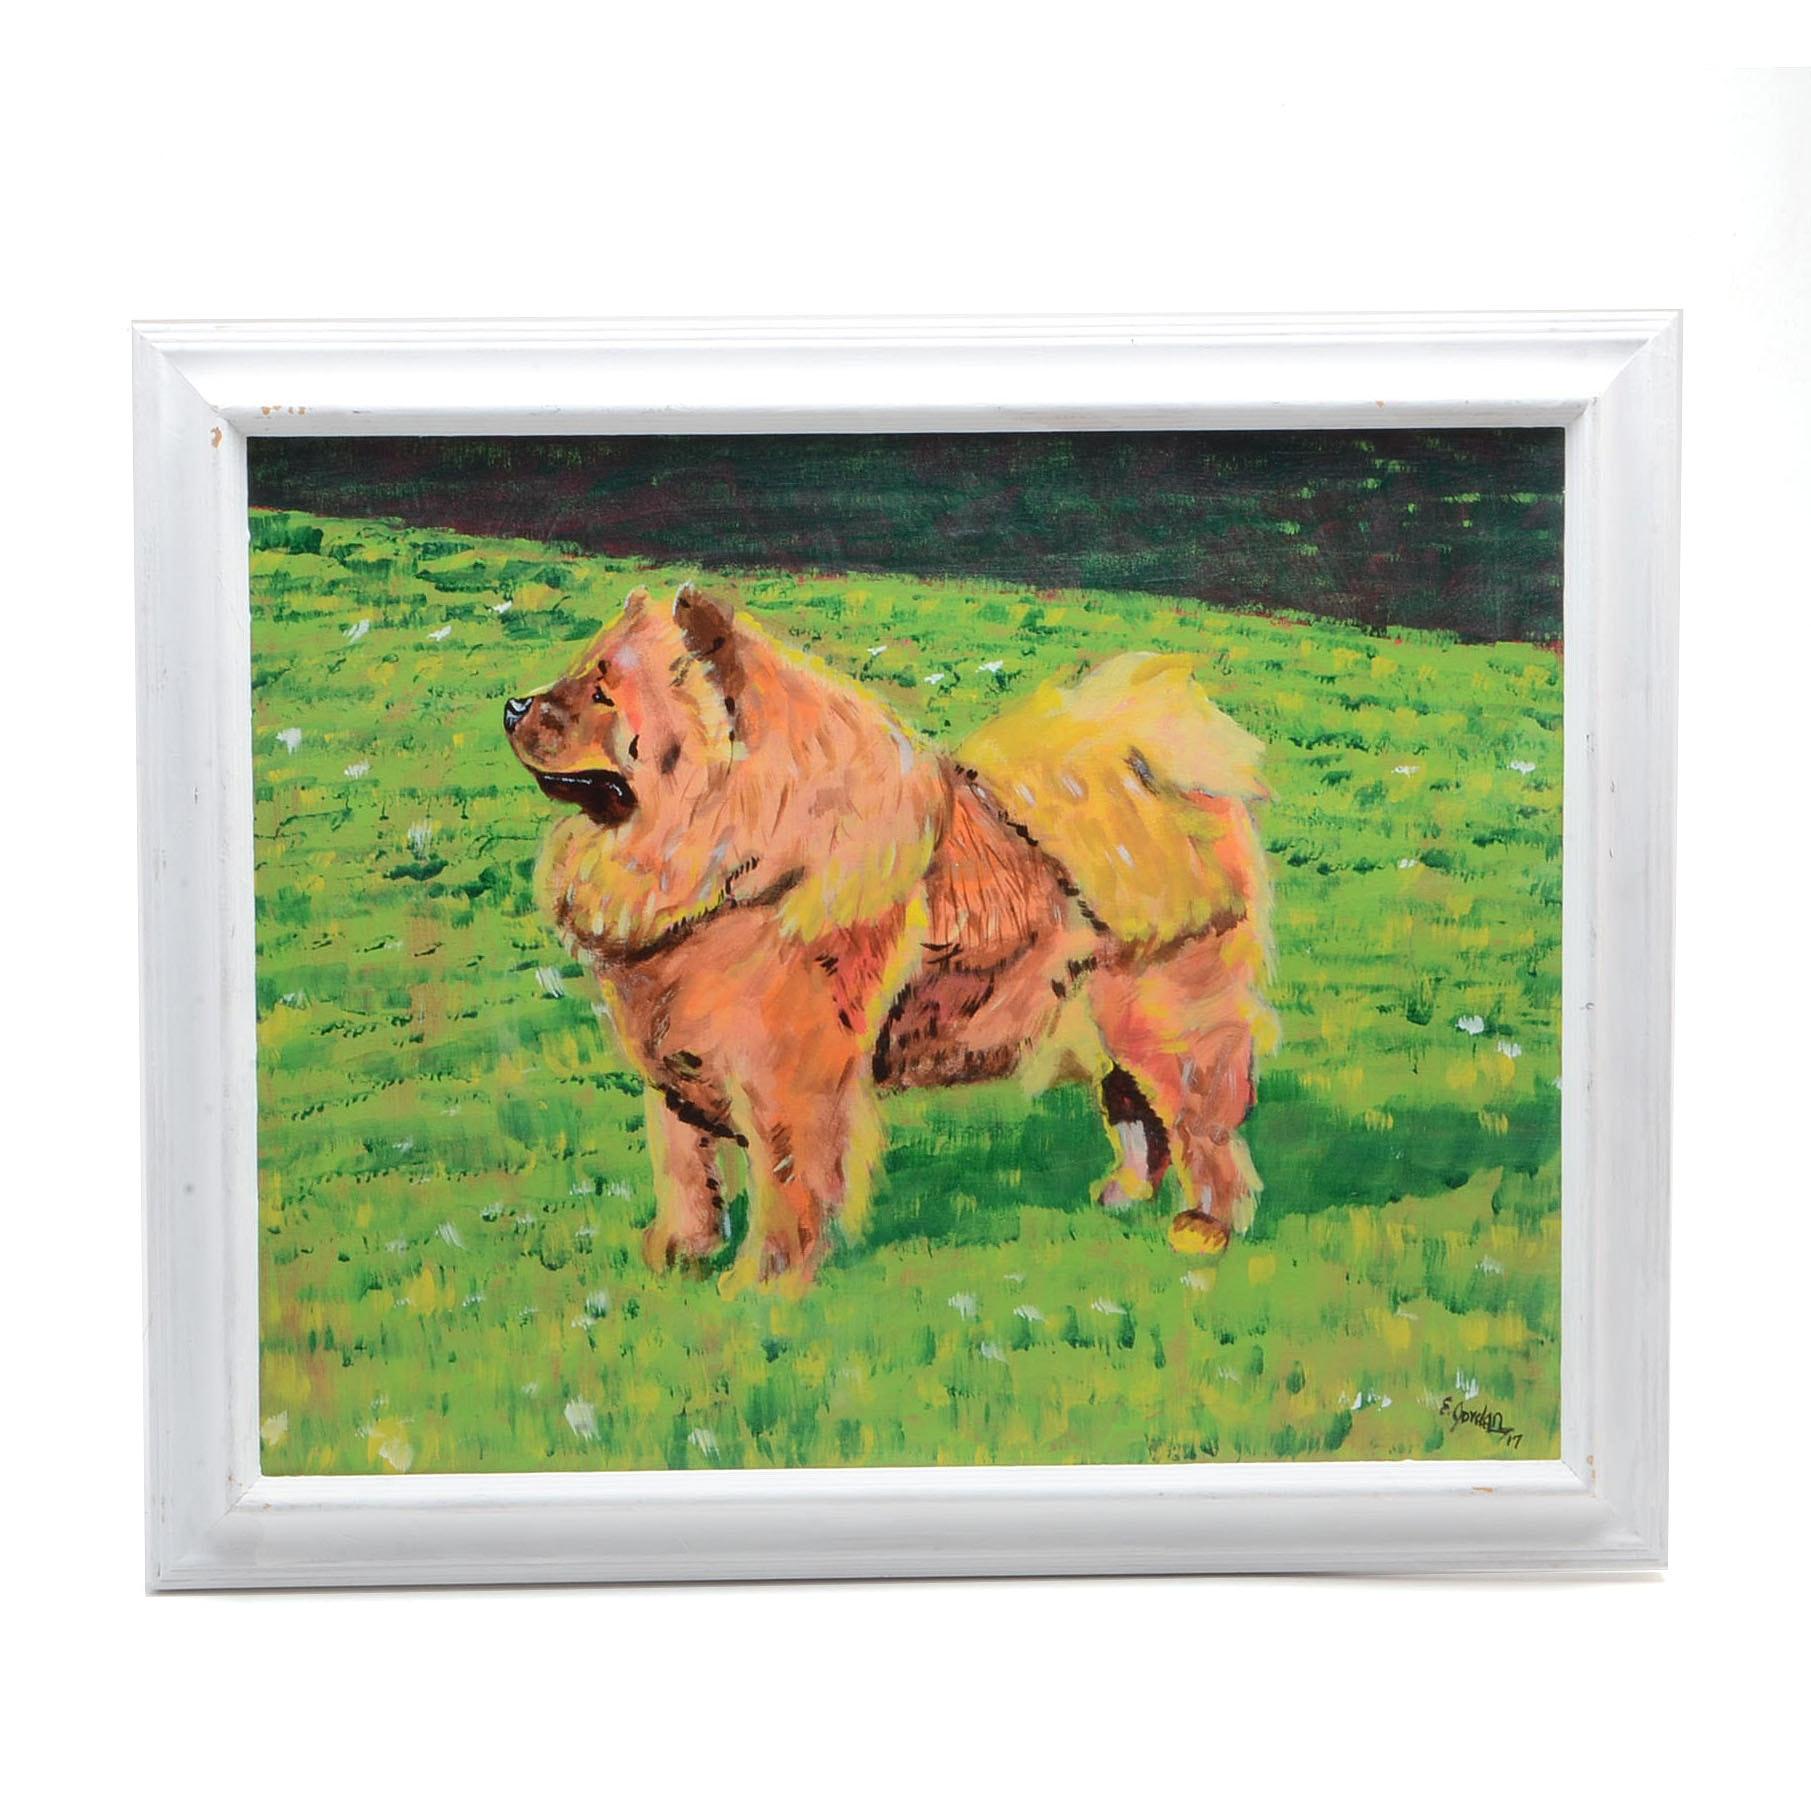 Elliot Jordan Acrylic Painting on Canvas of a Chow Dog